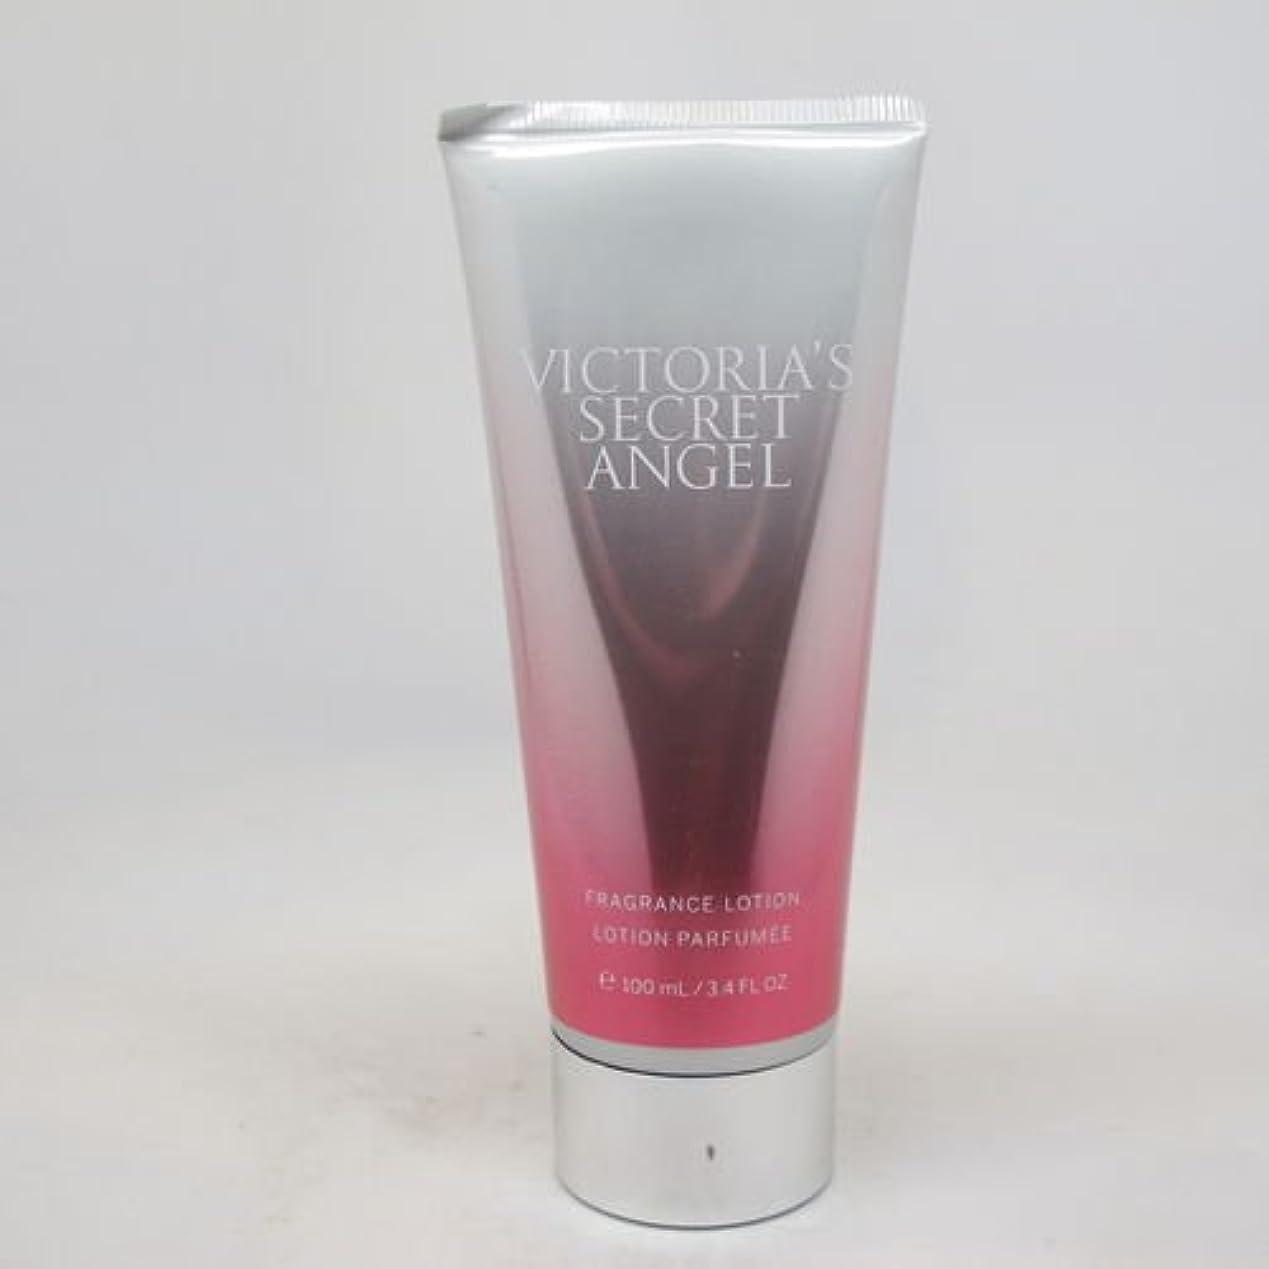 手配するマイルストーンパニックVictoria's Secret Angel (ヴィクトリアシークレット エンジェル) 3.4 oz (100ml) Body Lotion for Women